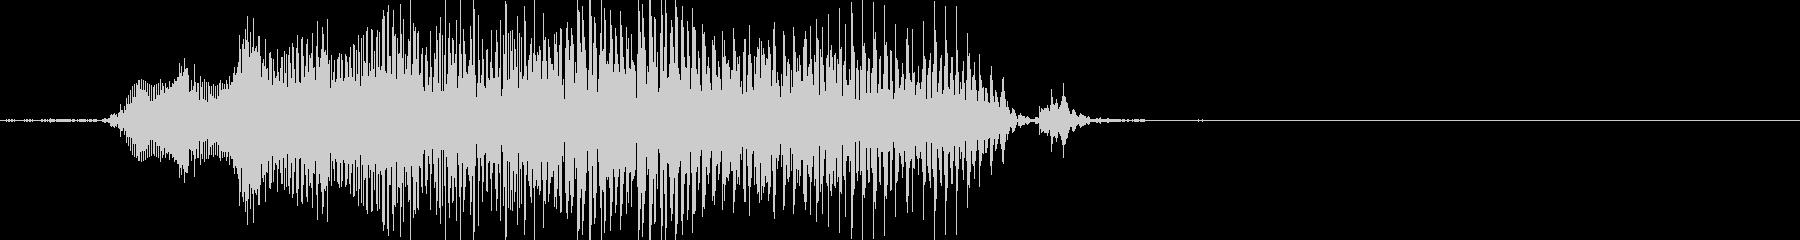 小型モンスターの鳴き声の未再生の波形